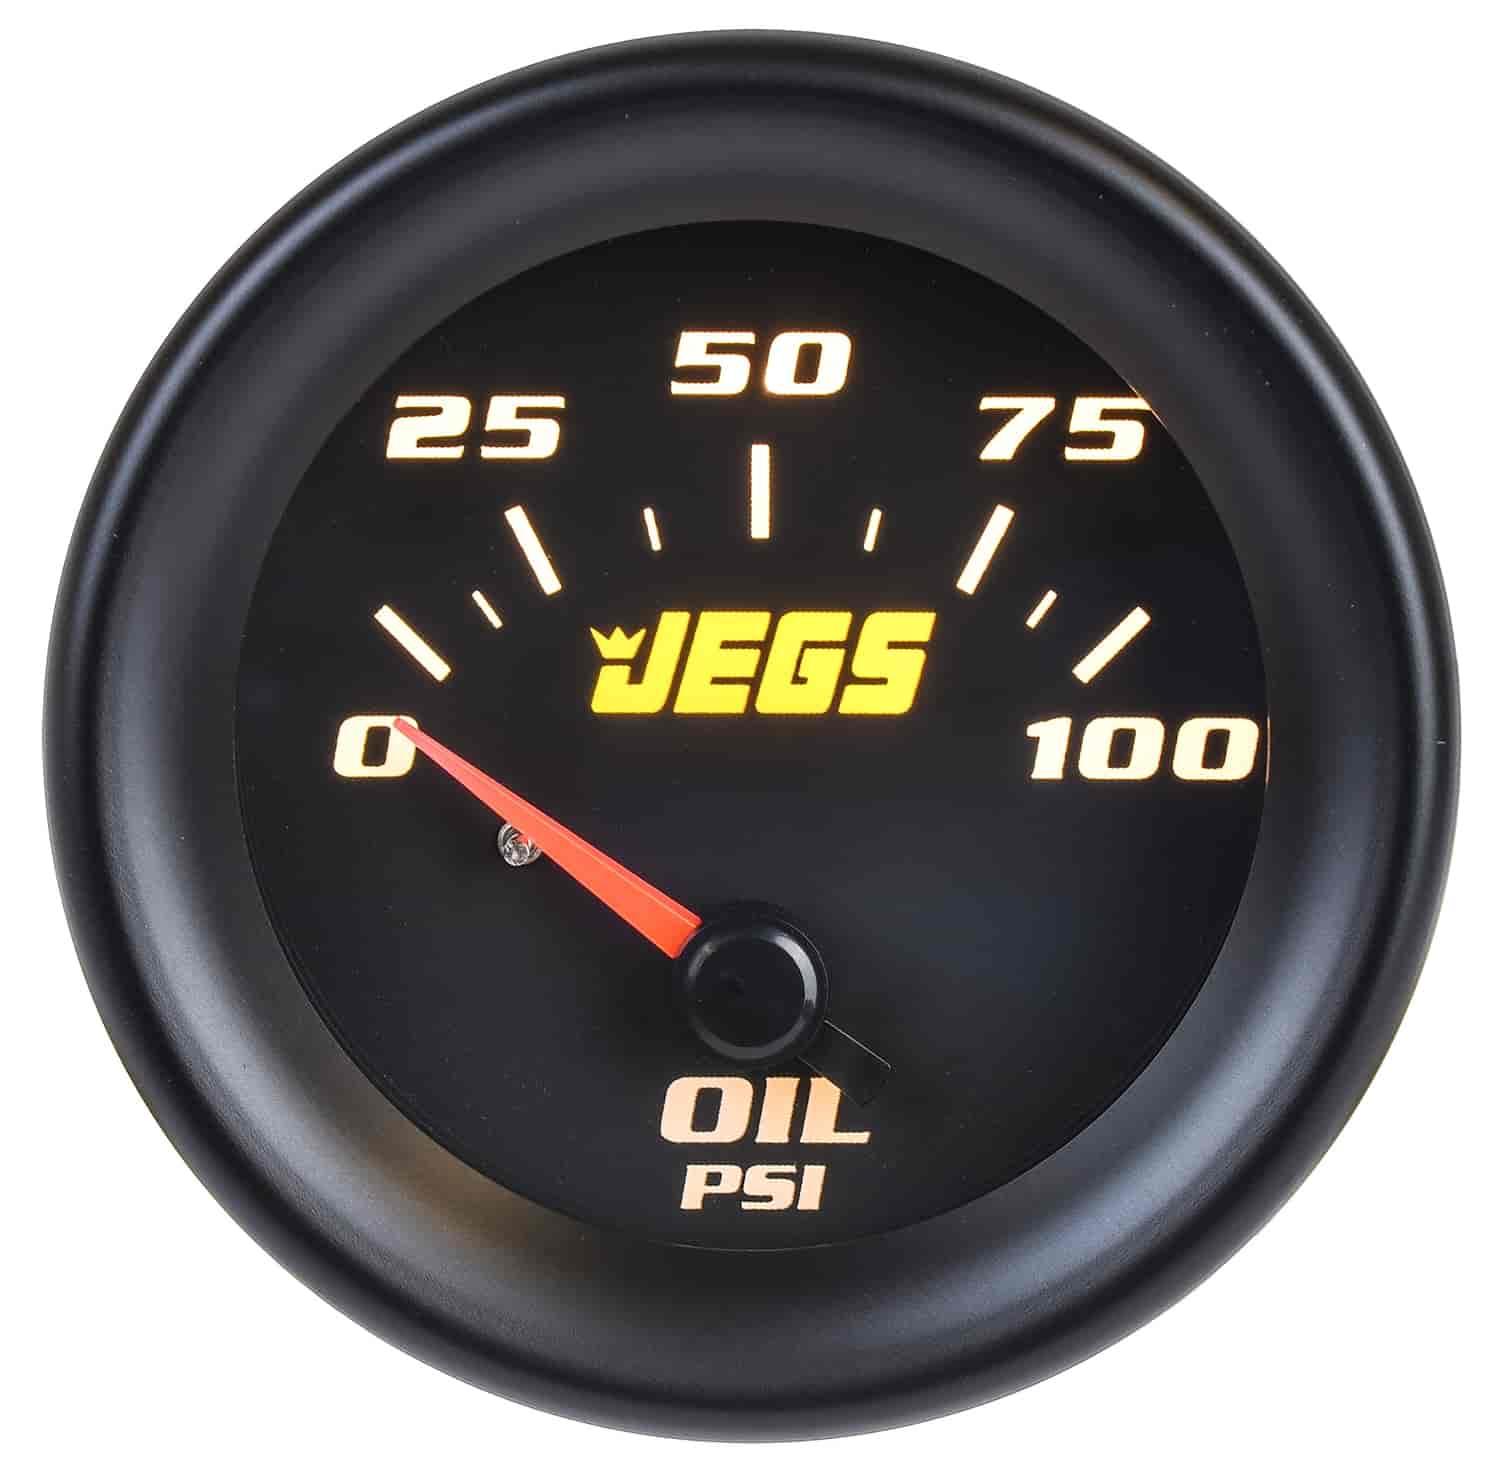 WRG-7265] 1953 Ford Oil Gauge Wiring